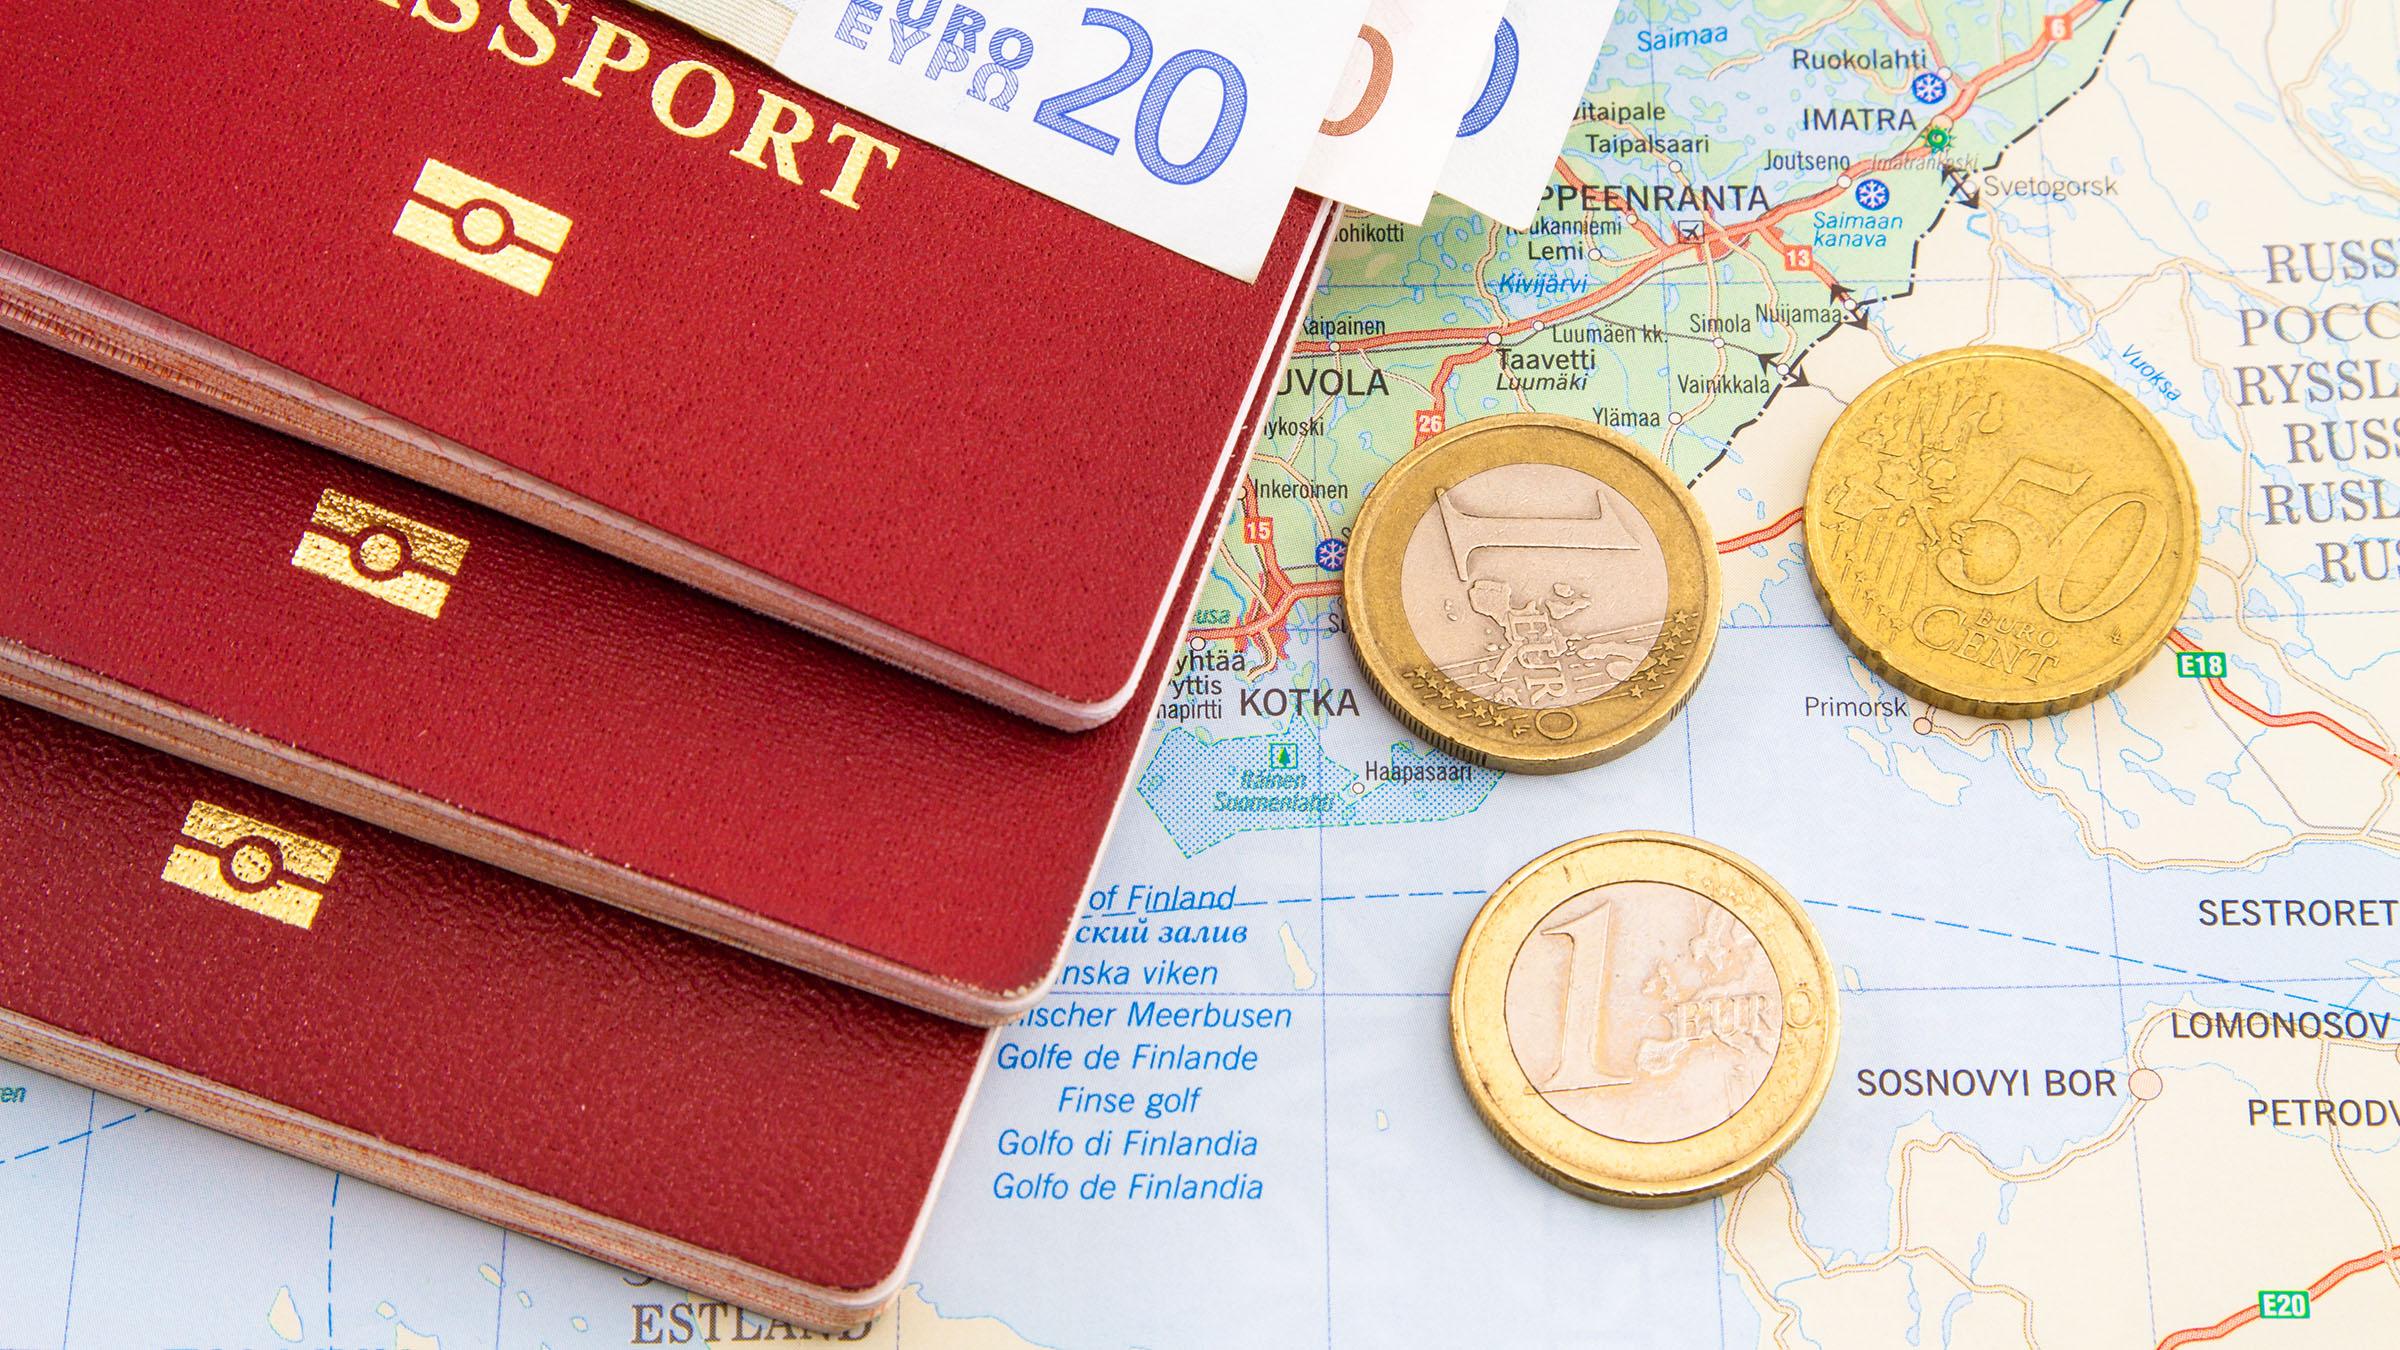 Программы самых популярных стран, дающих гражданство через инвестиции в 2021 году: условия, требования к заявителям